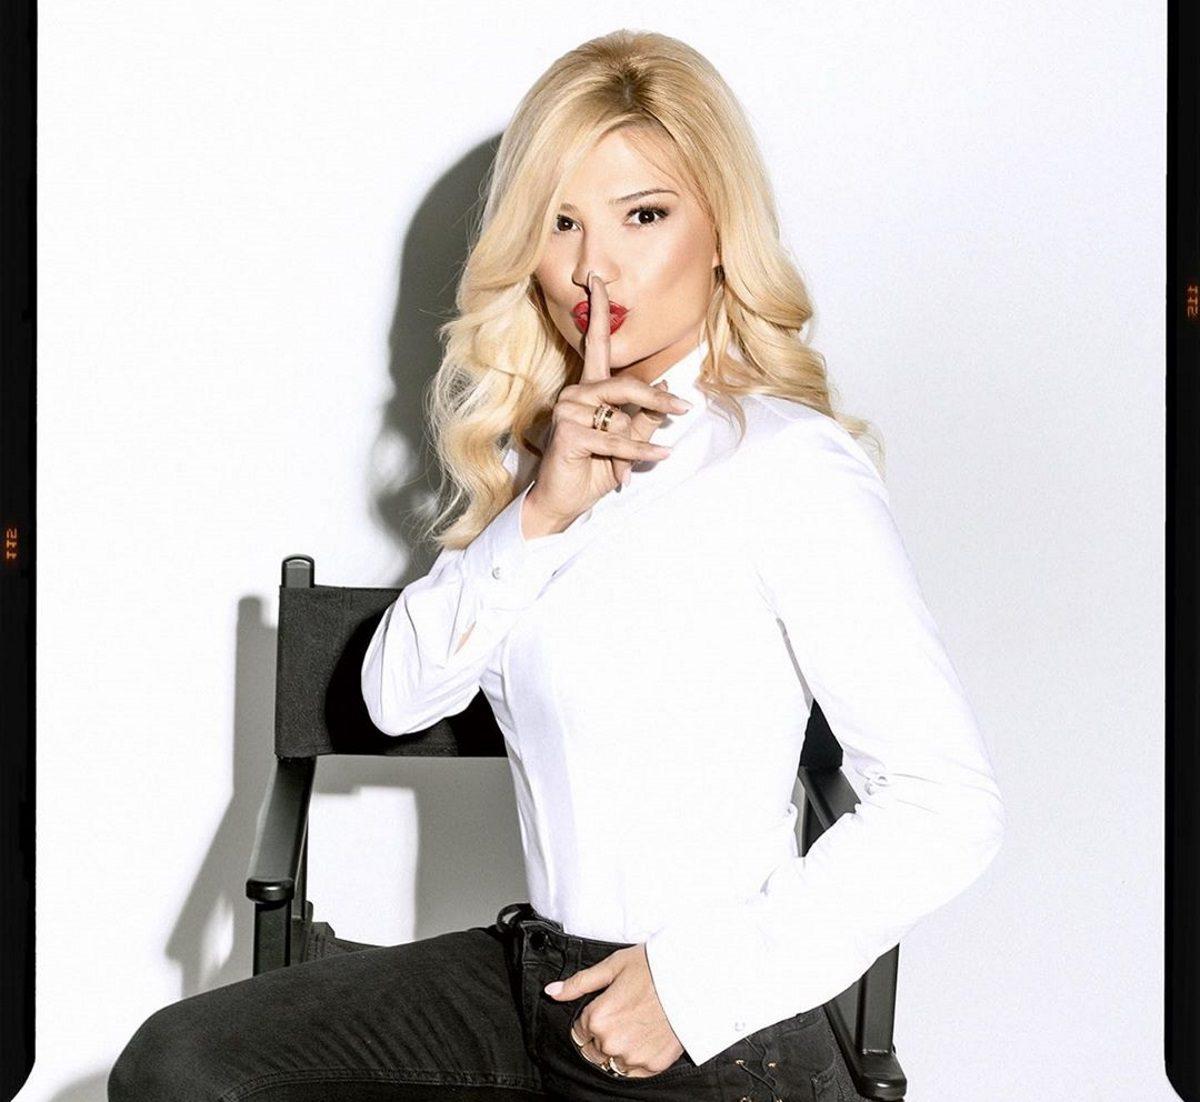 Φαίη Σκορδά: Το Σαββατοκύριακο της ήταν γεμάτο… αγκαλιές! [pic] | tlife.gr